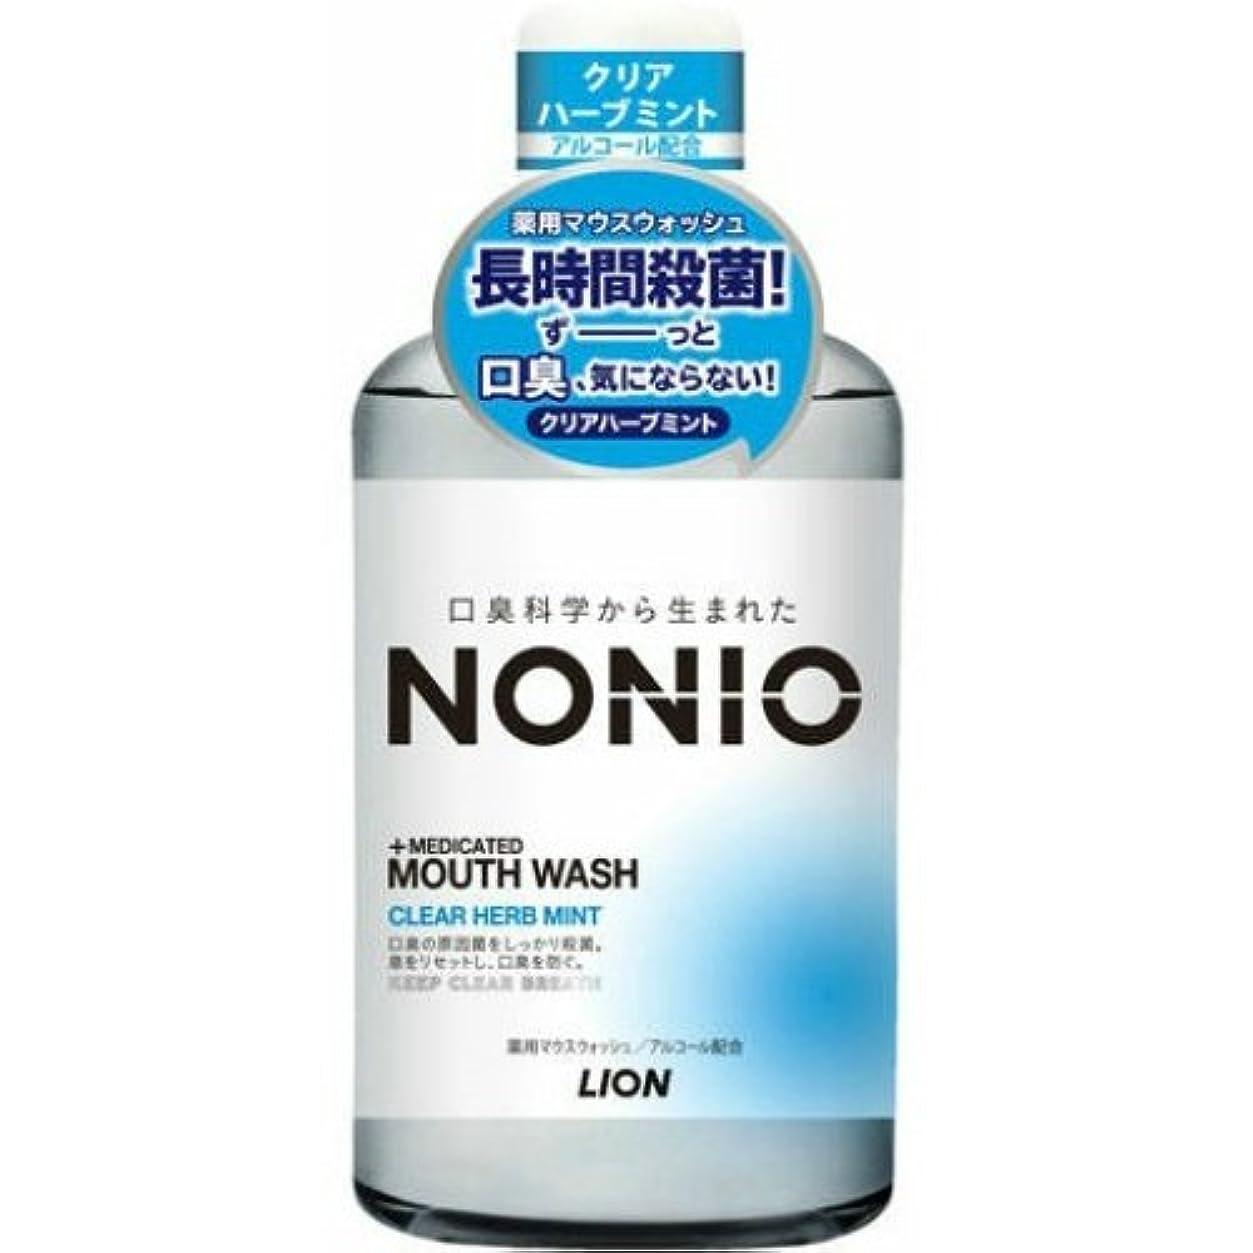 LION ライオン ノニオ NONIO 薬用マウスウォッシュ クリアハーブミント 600ml ×012点セット(4903301259350)